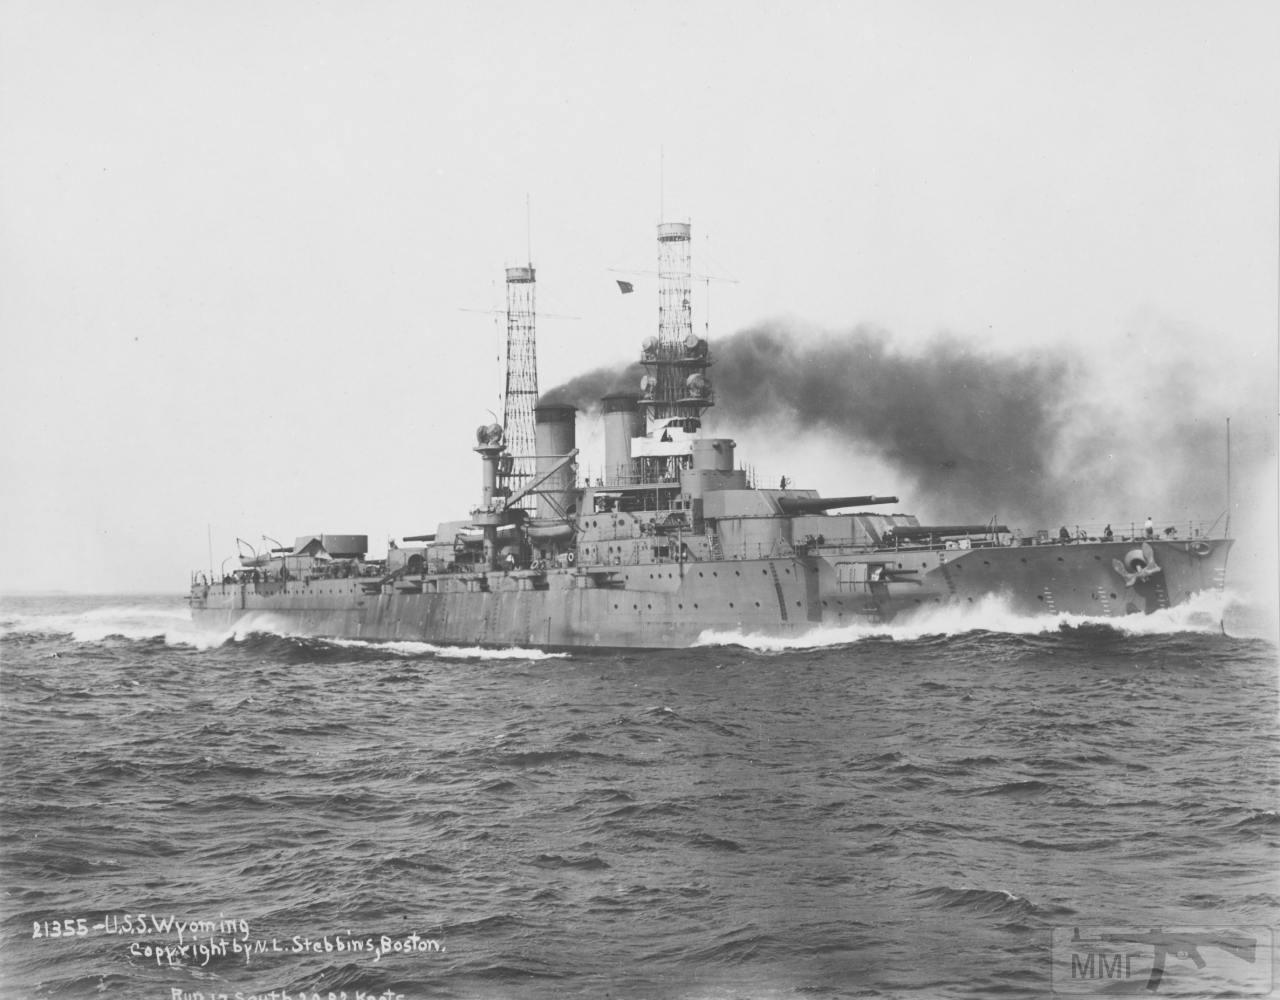 88297 - USS Wyoming (BB-32)